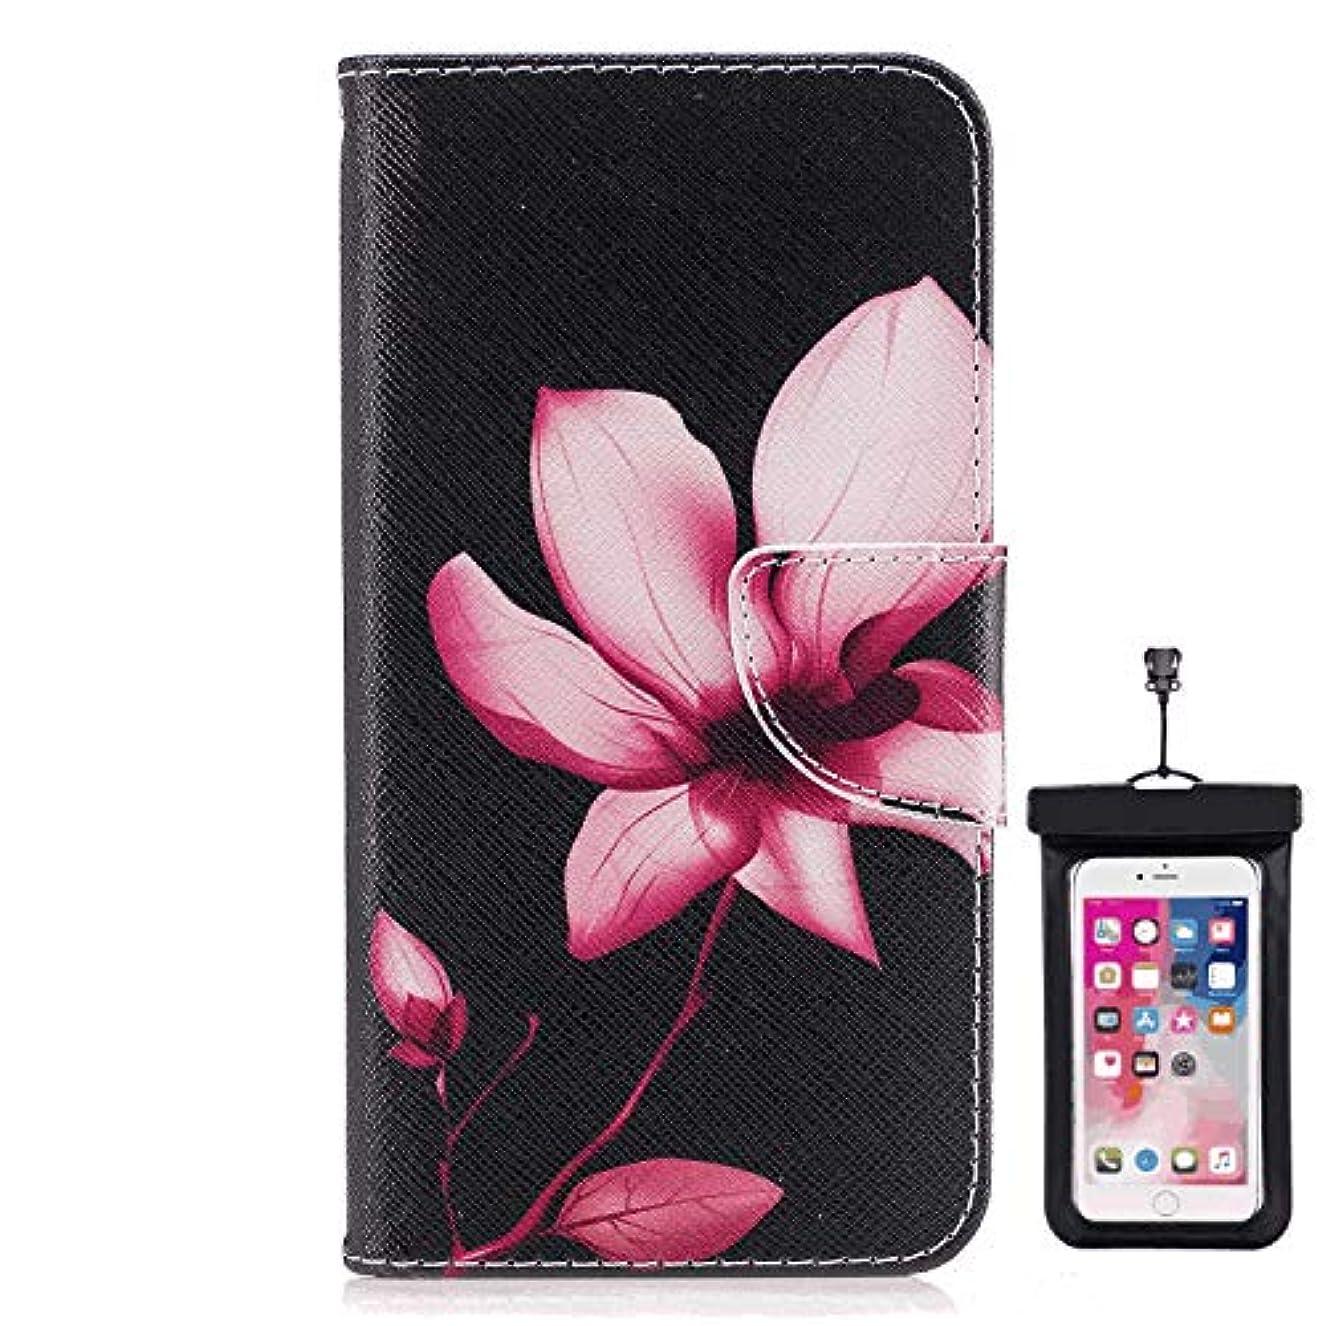 乳糞一見iPhone 7 レザー ケース, 手帳型 アイフォン 7 本革 スマートフォンカバー 耐摩擦 ビジネス 財布 カバー収納 無料付スマホ防水ポーチIPX8 Business